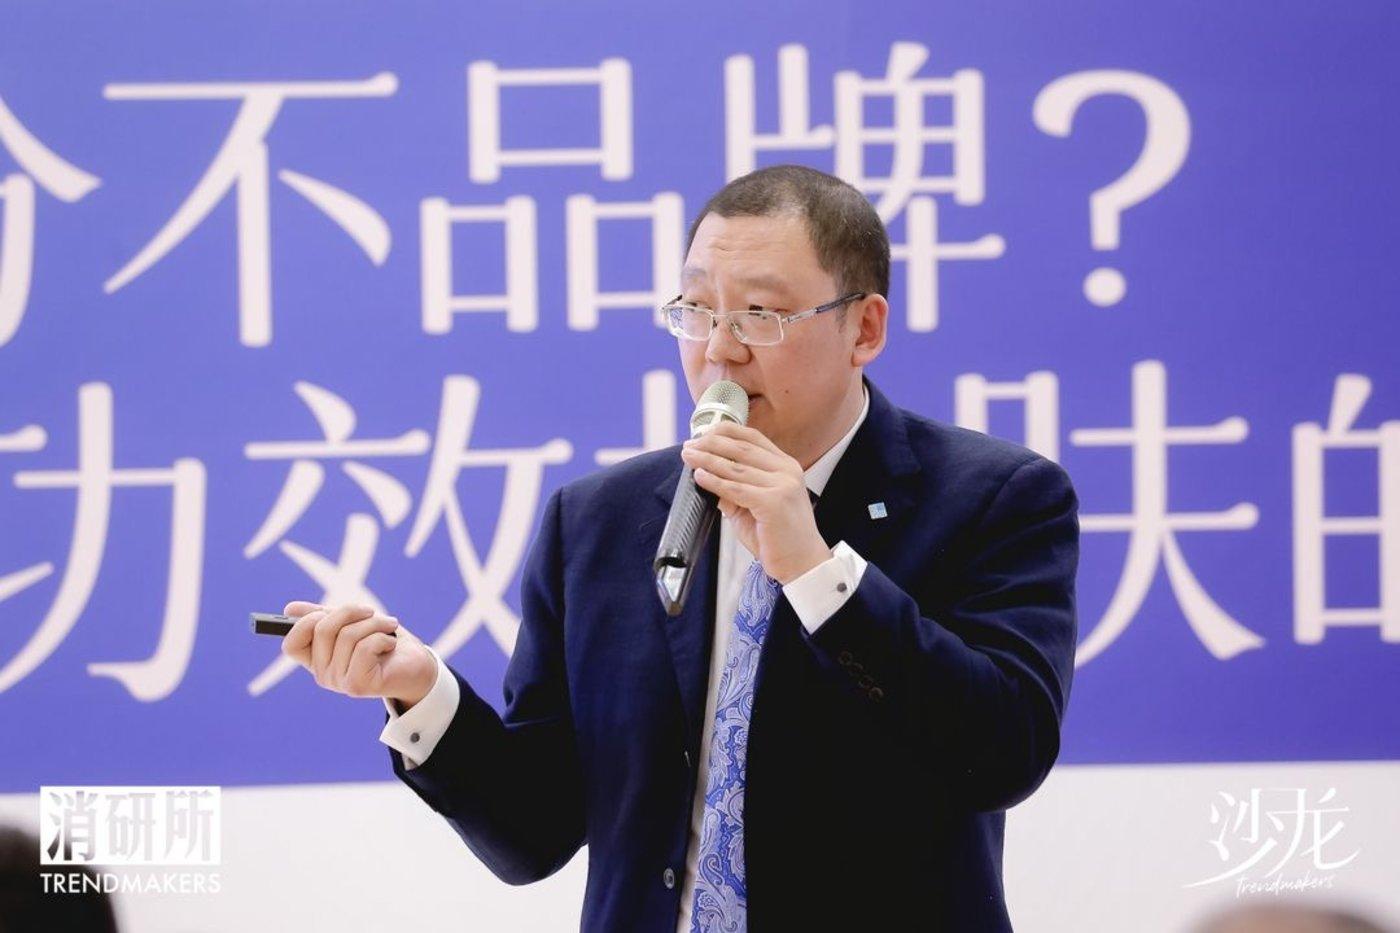 伟博海泰集团董事长、创始人、首席科学家李和伟